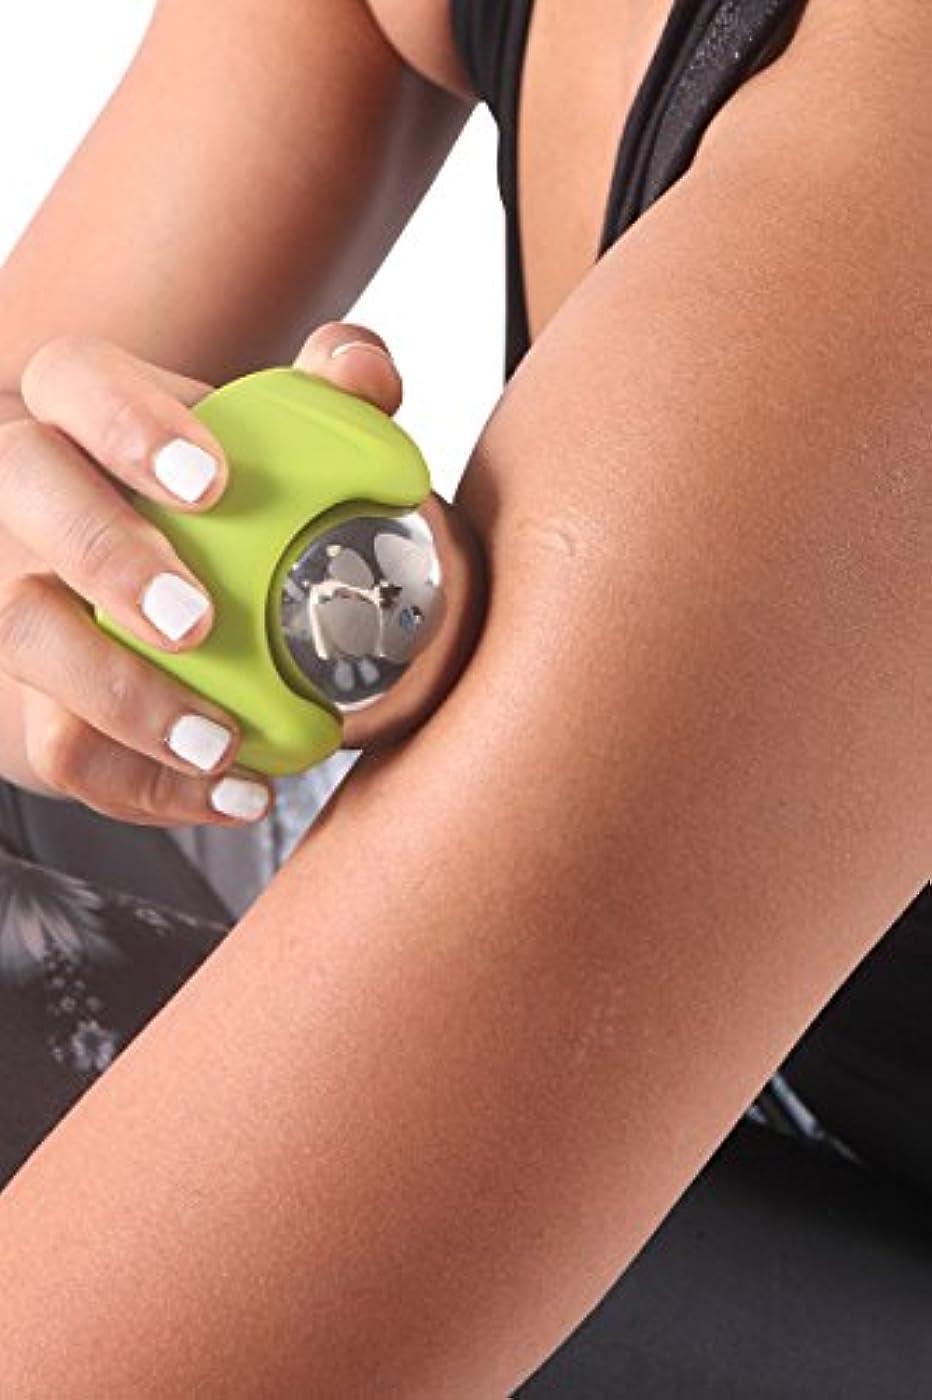 維持する夜磁器バランス1アイスボールroller-stainlessスチールボールCold Therapyレリーフ